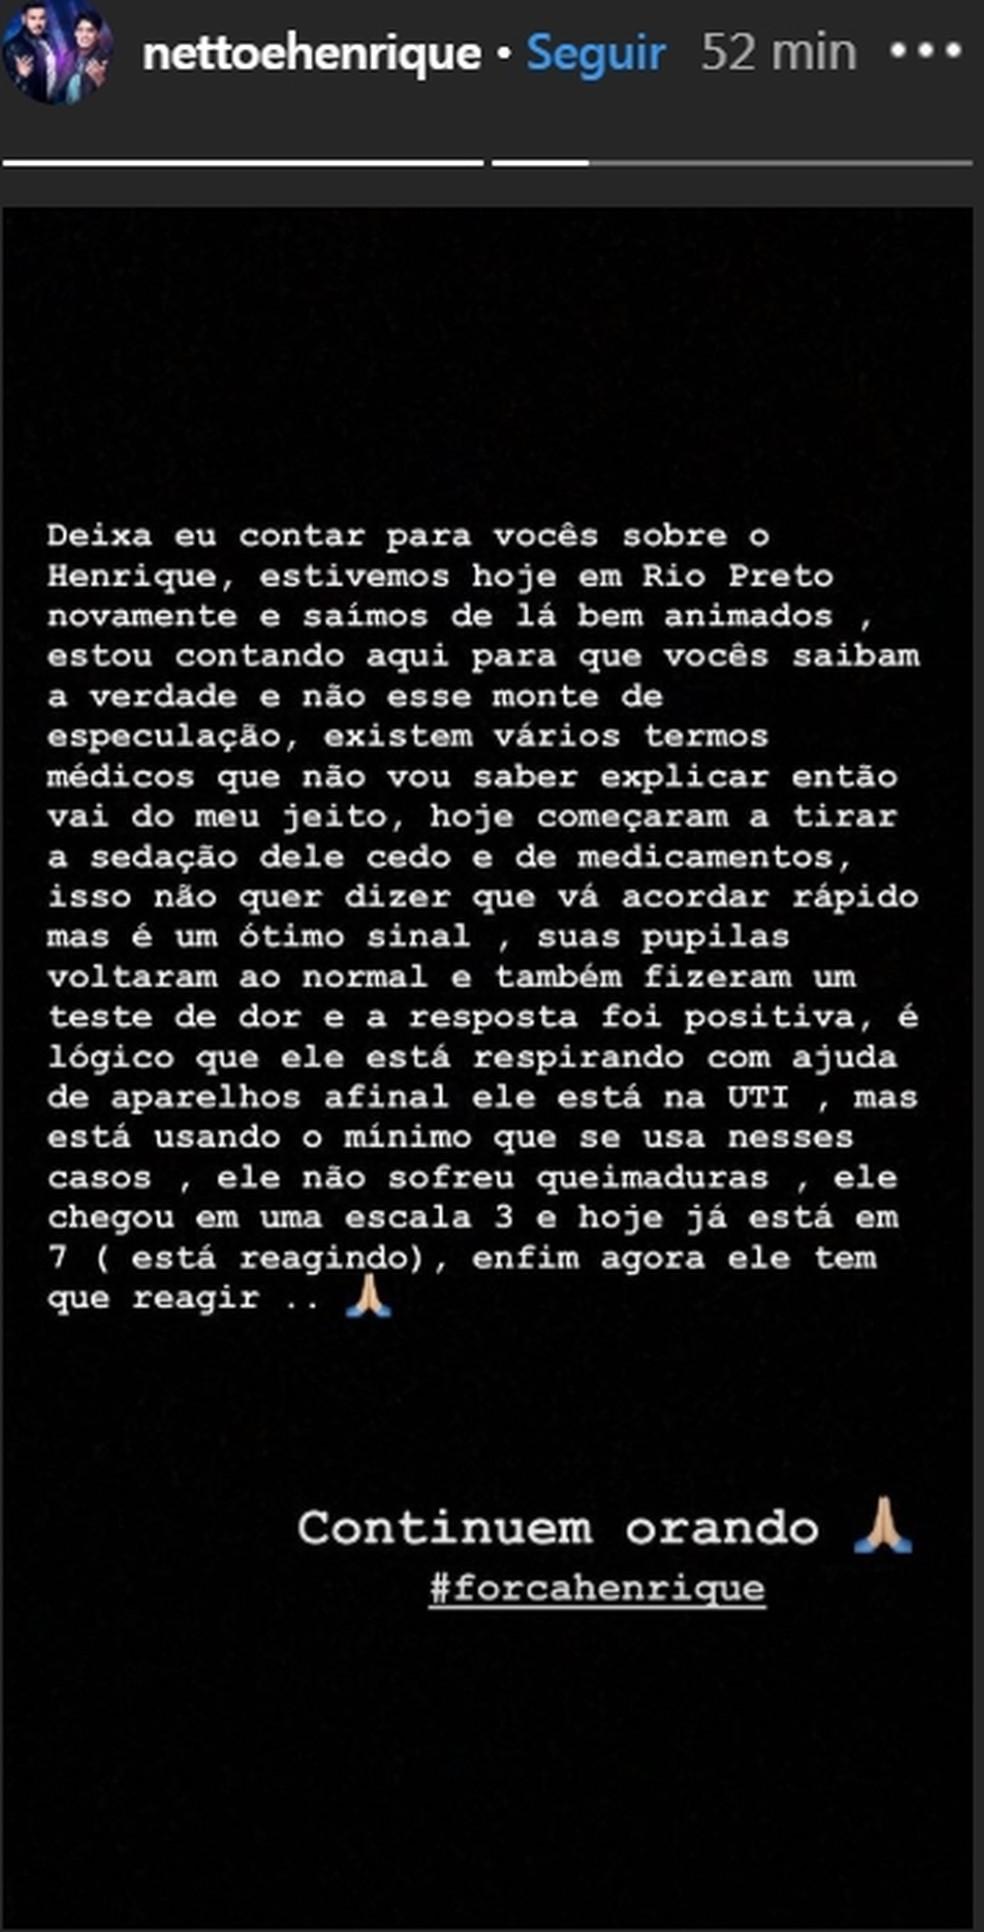 Nota foi publicada na página do Instagram da dupla sertaneja Netto e Henrique  — Foto: Reprodução/Instagram